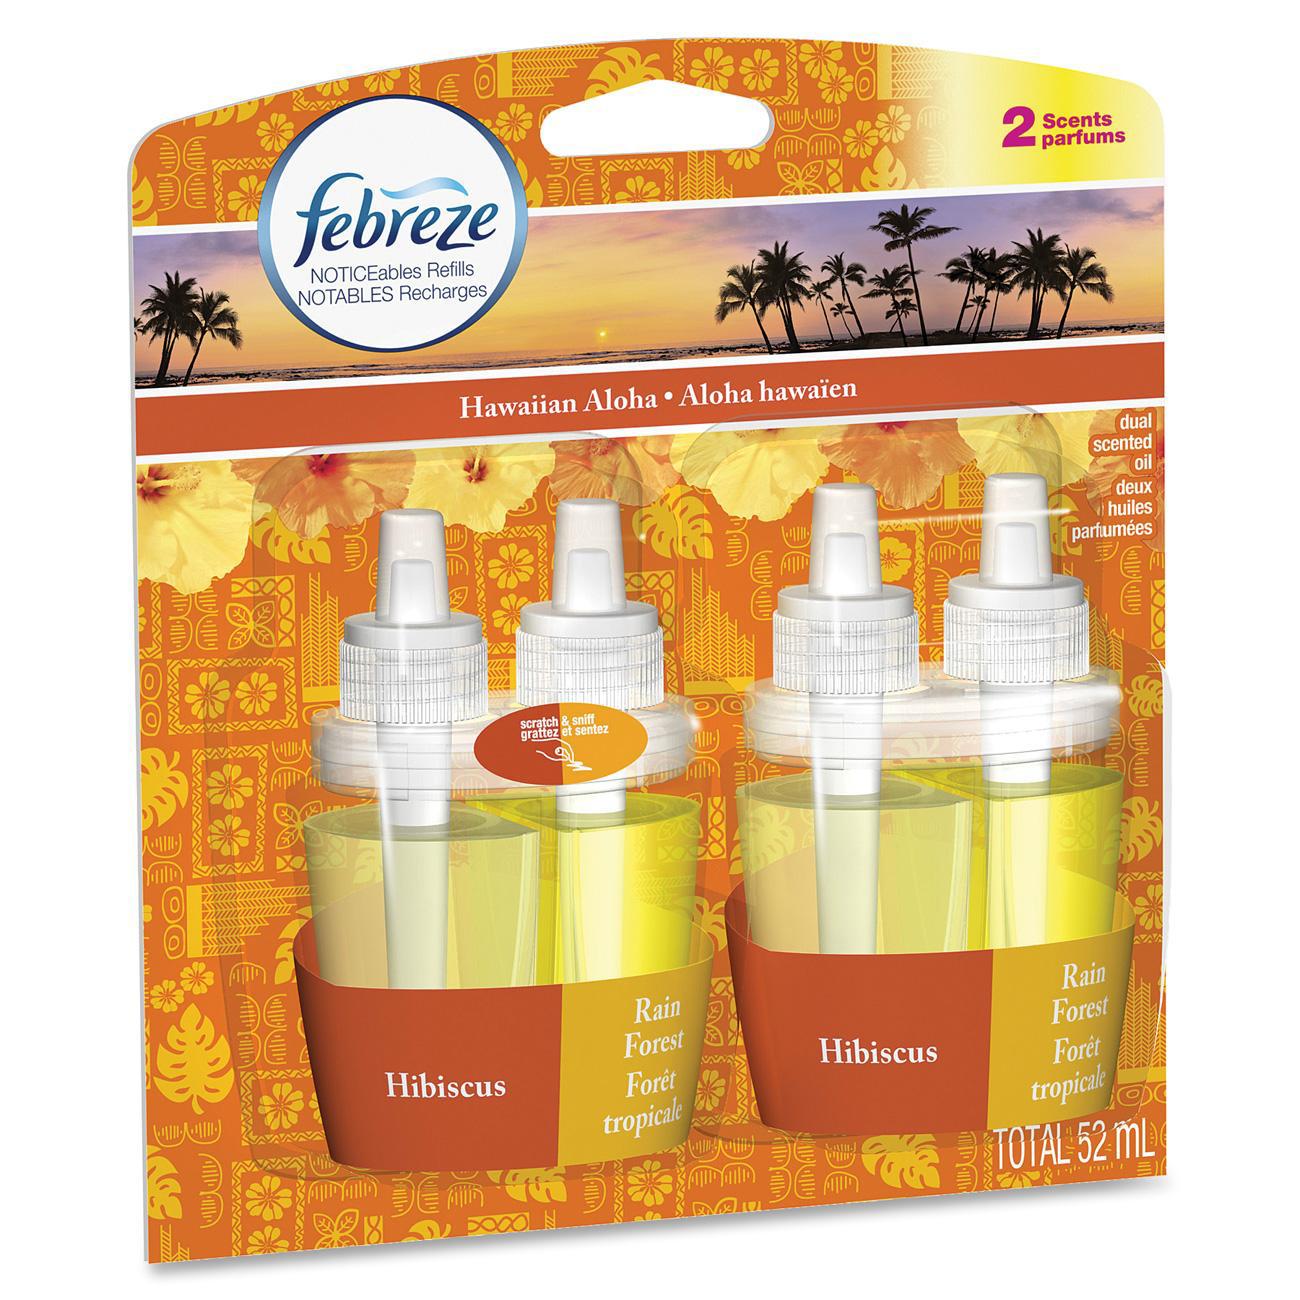 Febreze Air Freshener Refill - Madill - The Office Company